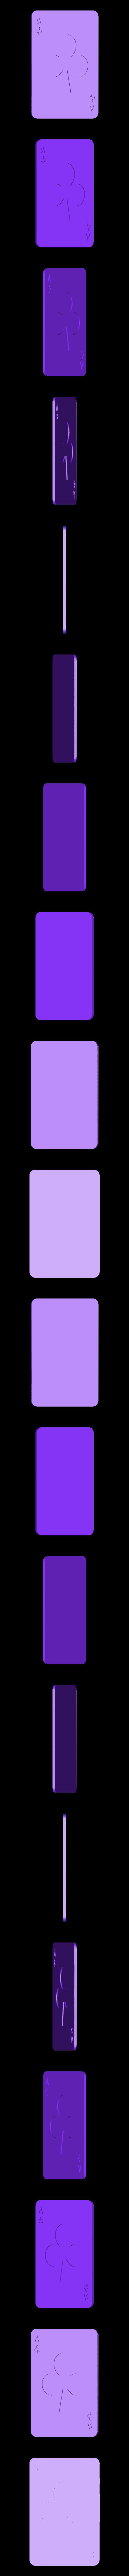 Clubs_1_dig.stl Télécharger fichier SCAD gratuit Les cartes à jouer • Objet imprimable en 3D, yvrogne59